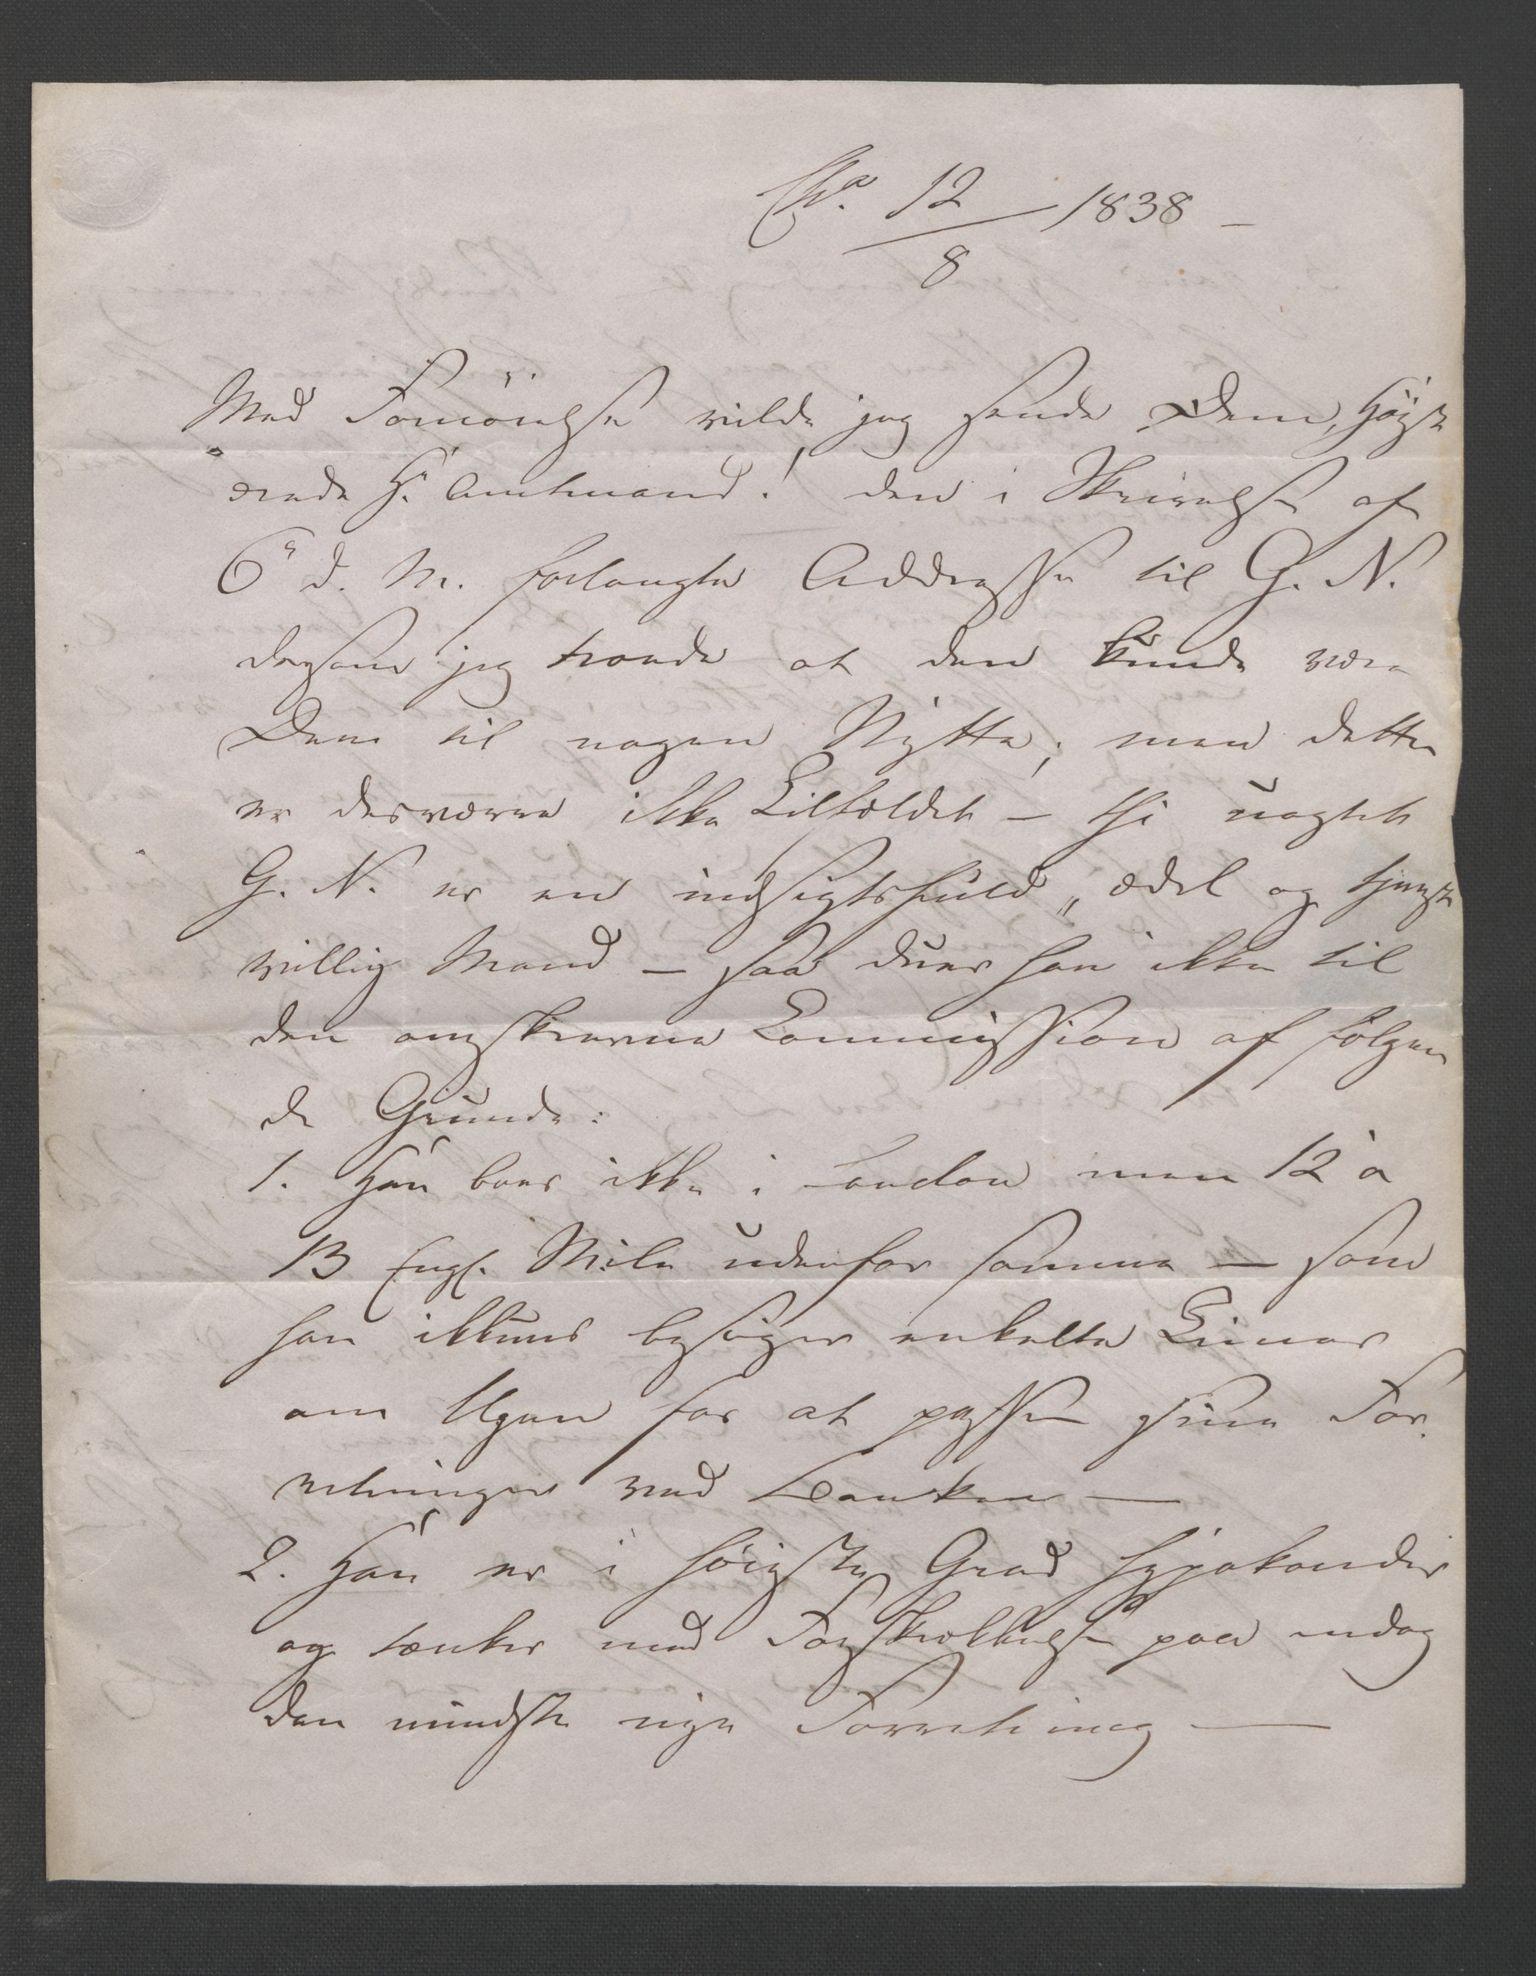 RA, Blom, Gustav Peter, F/L0002: Transkripsjoner, brev og manuskript, s. 5